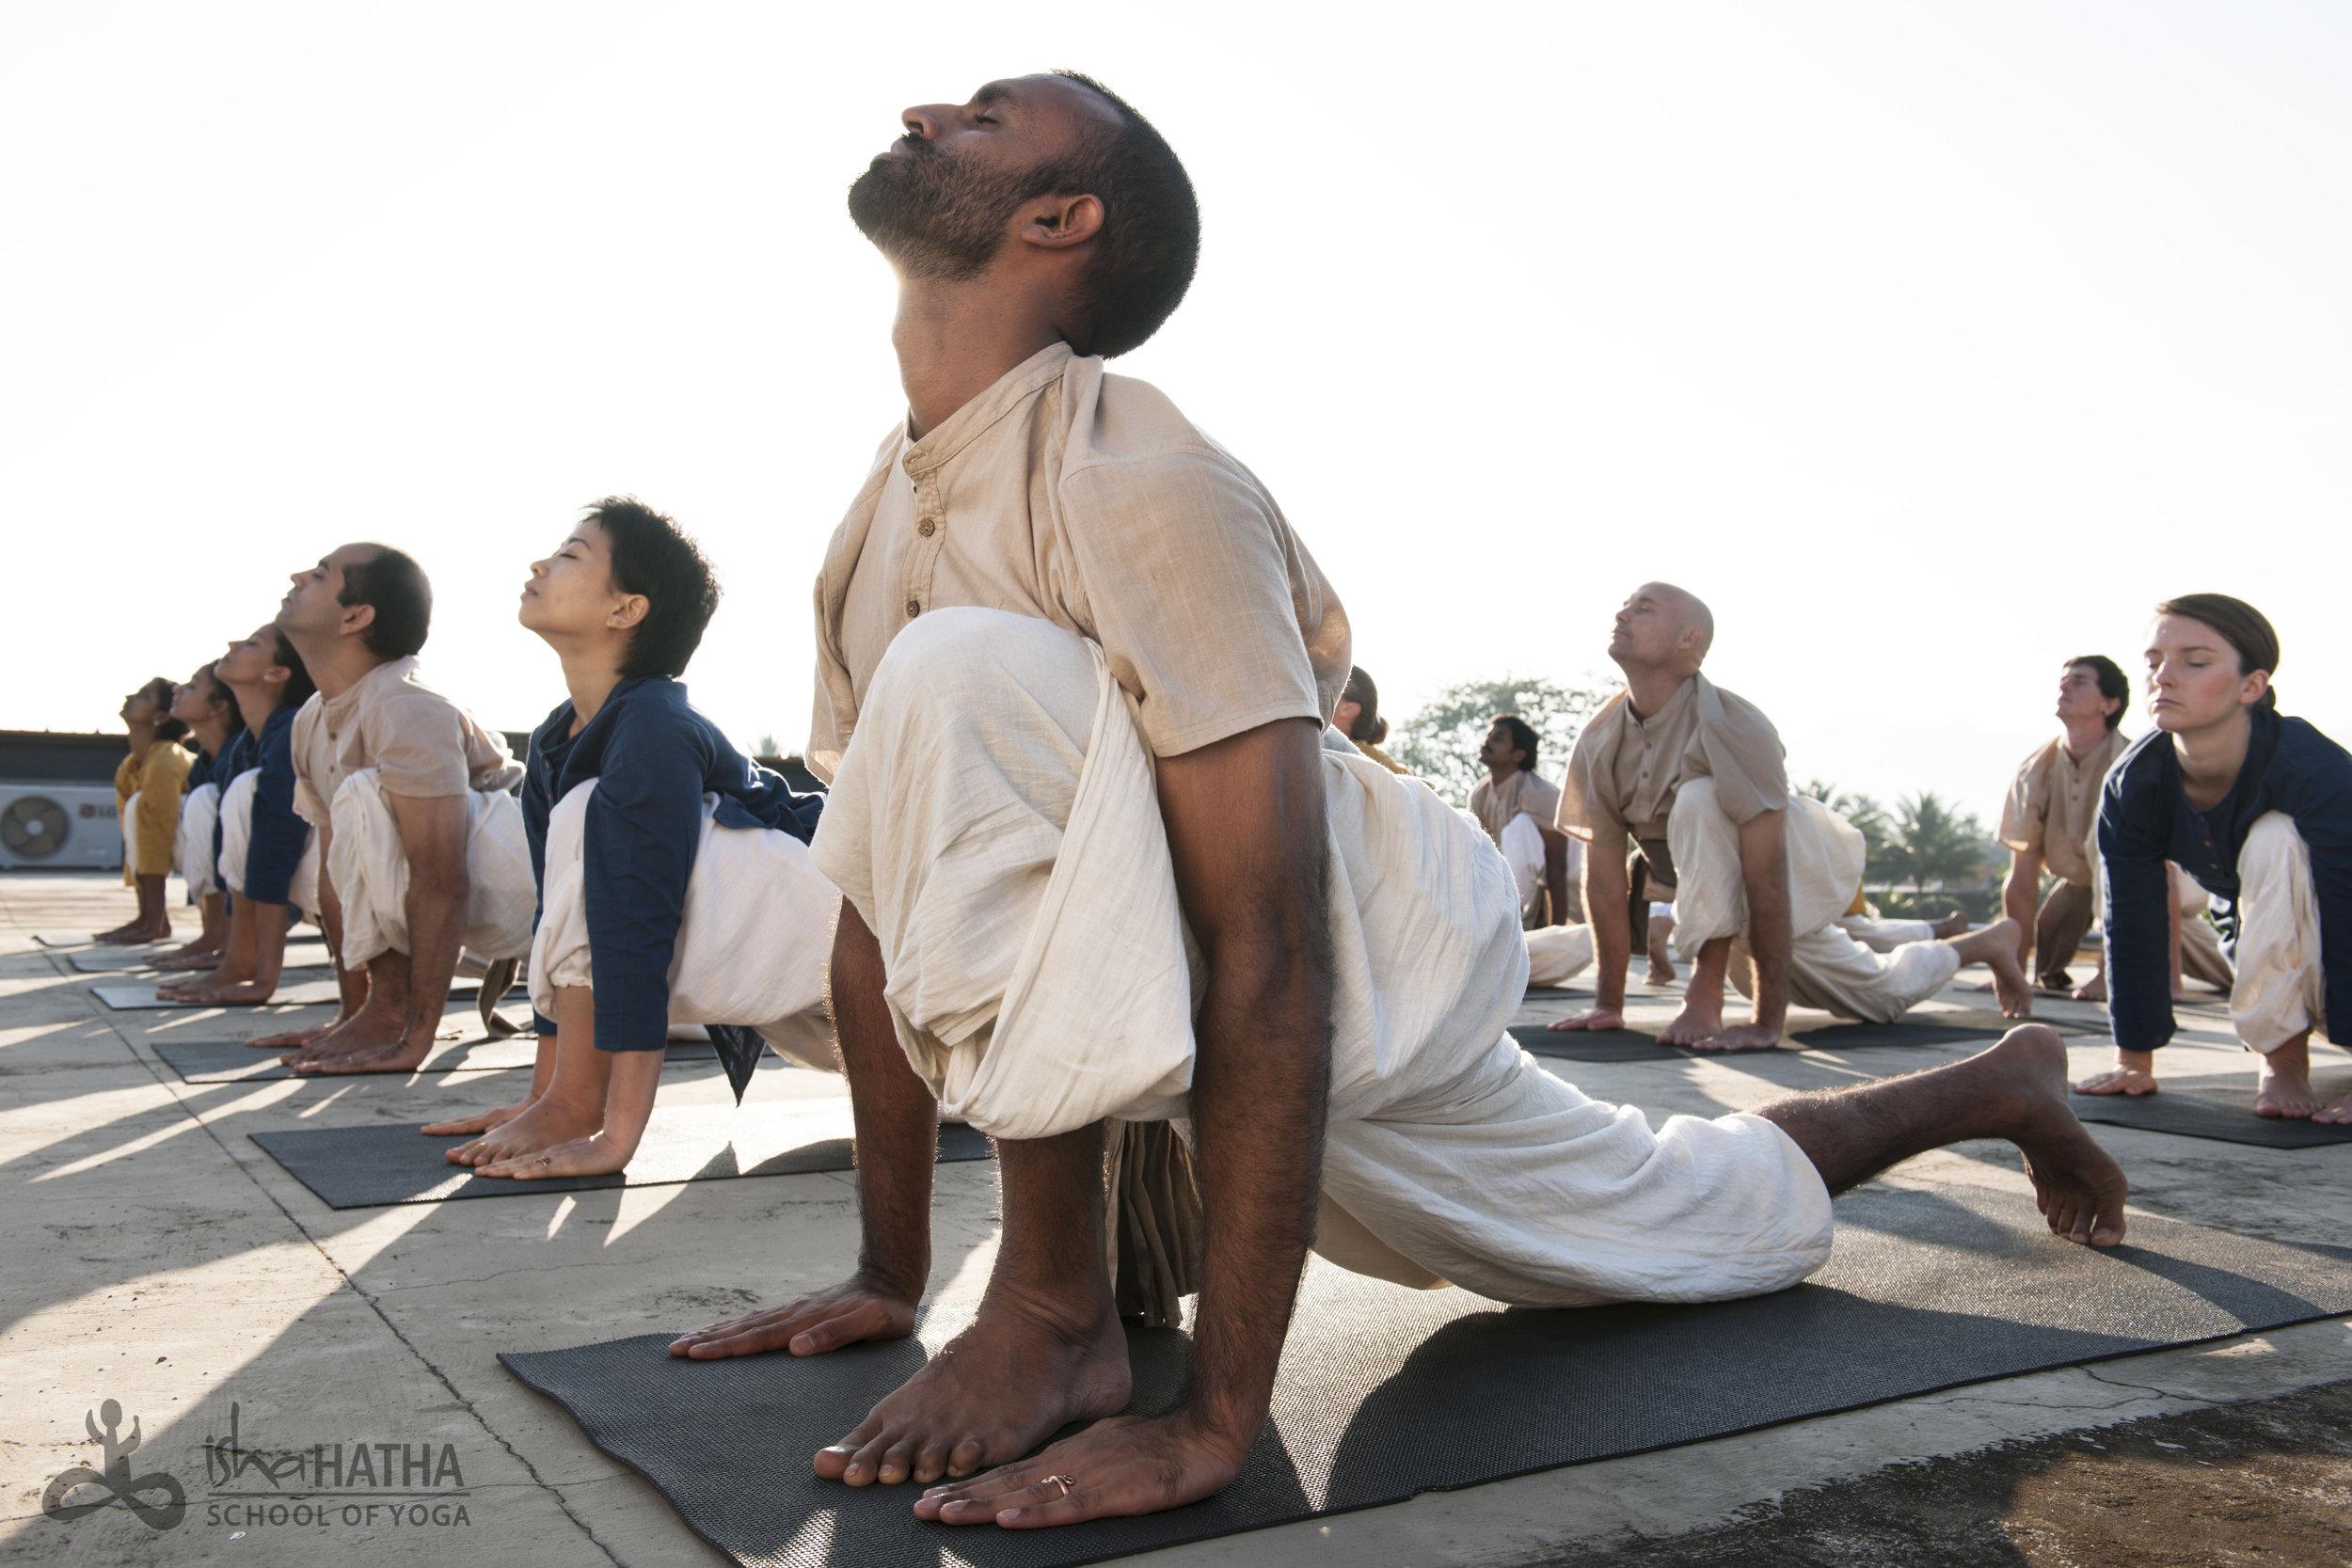 Click here for more info on Surya Shakti and Surya Kriya differences